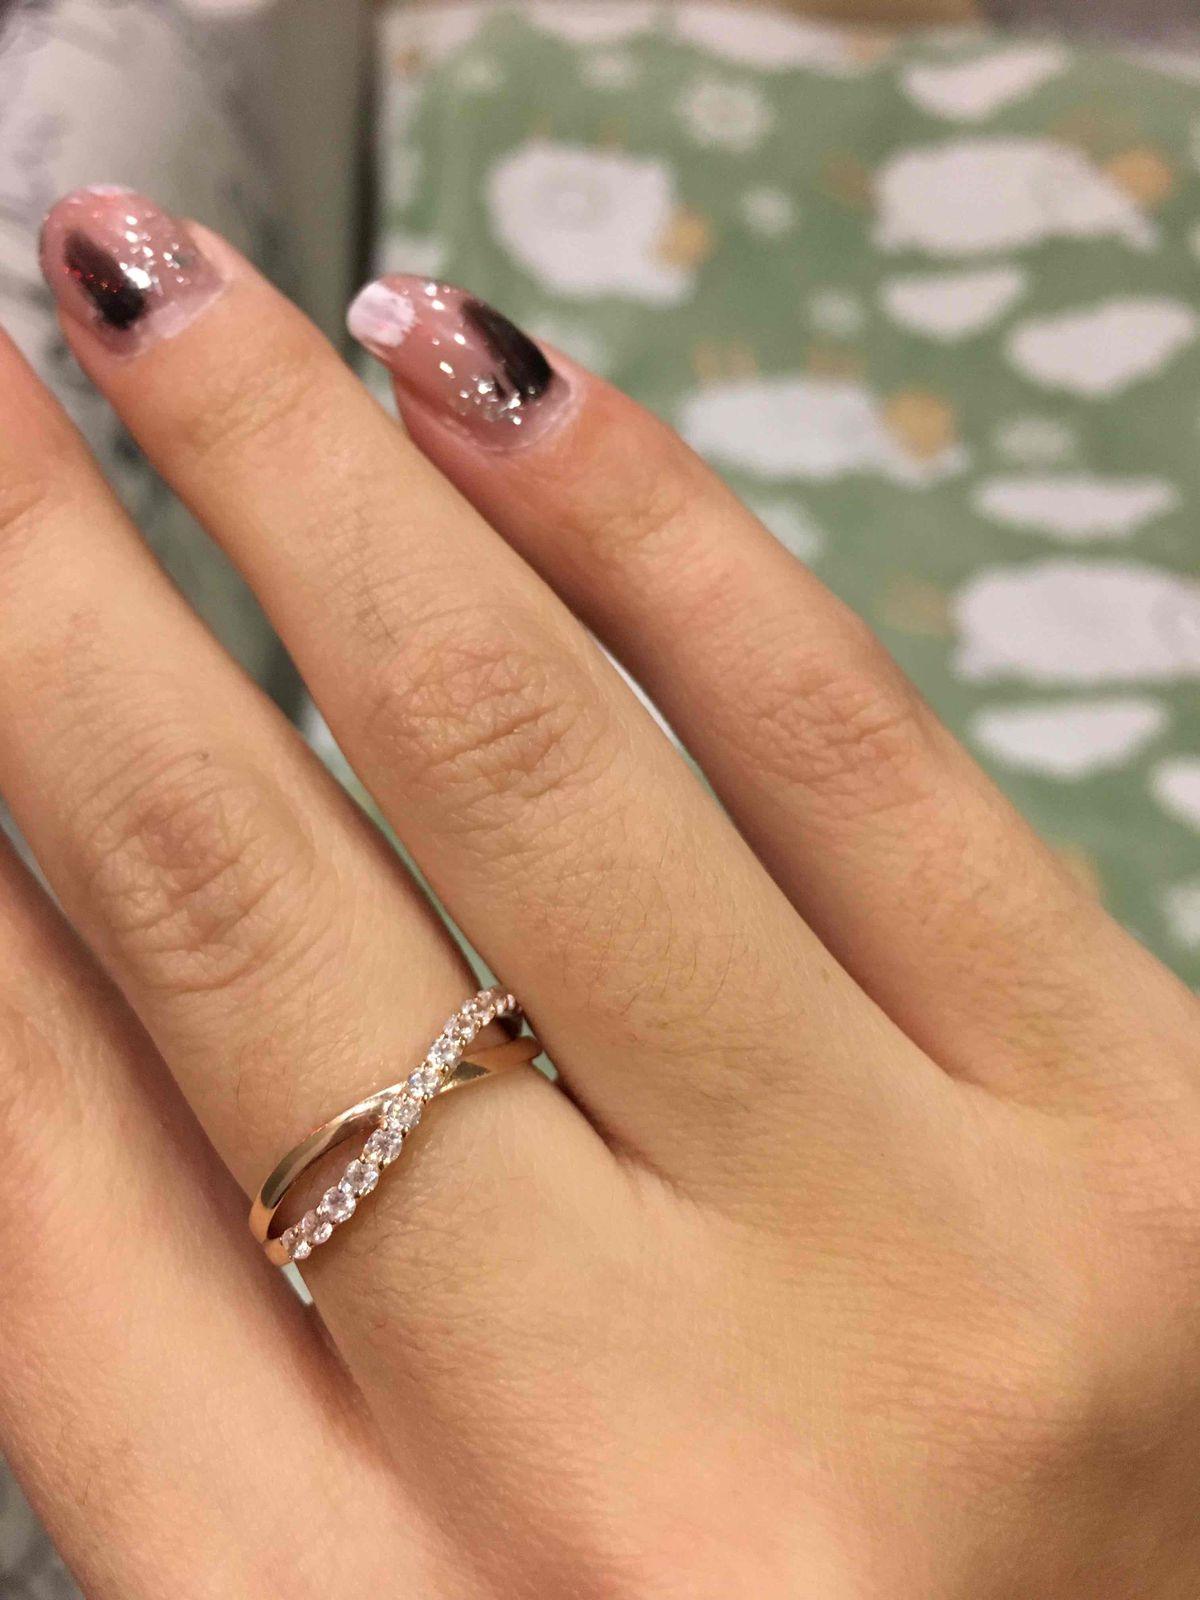 Нежное , невероятное кольцо!